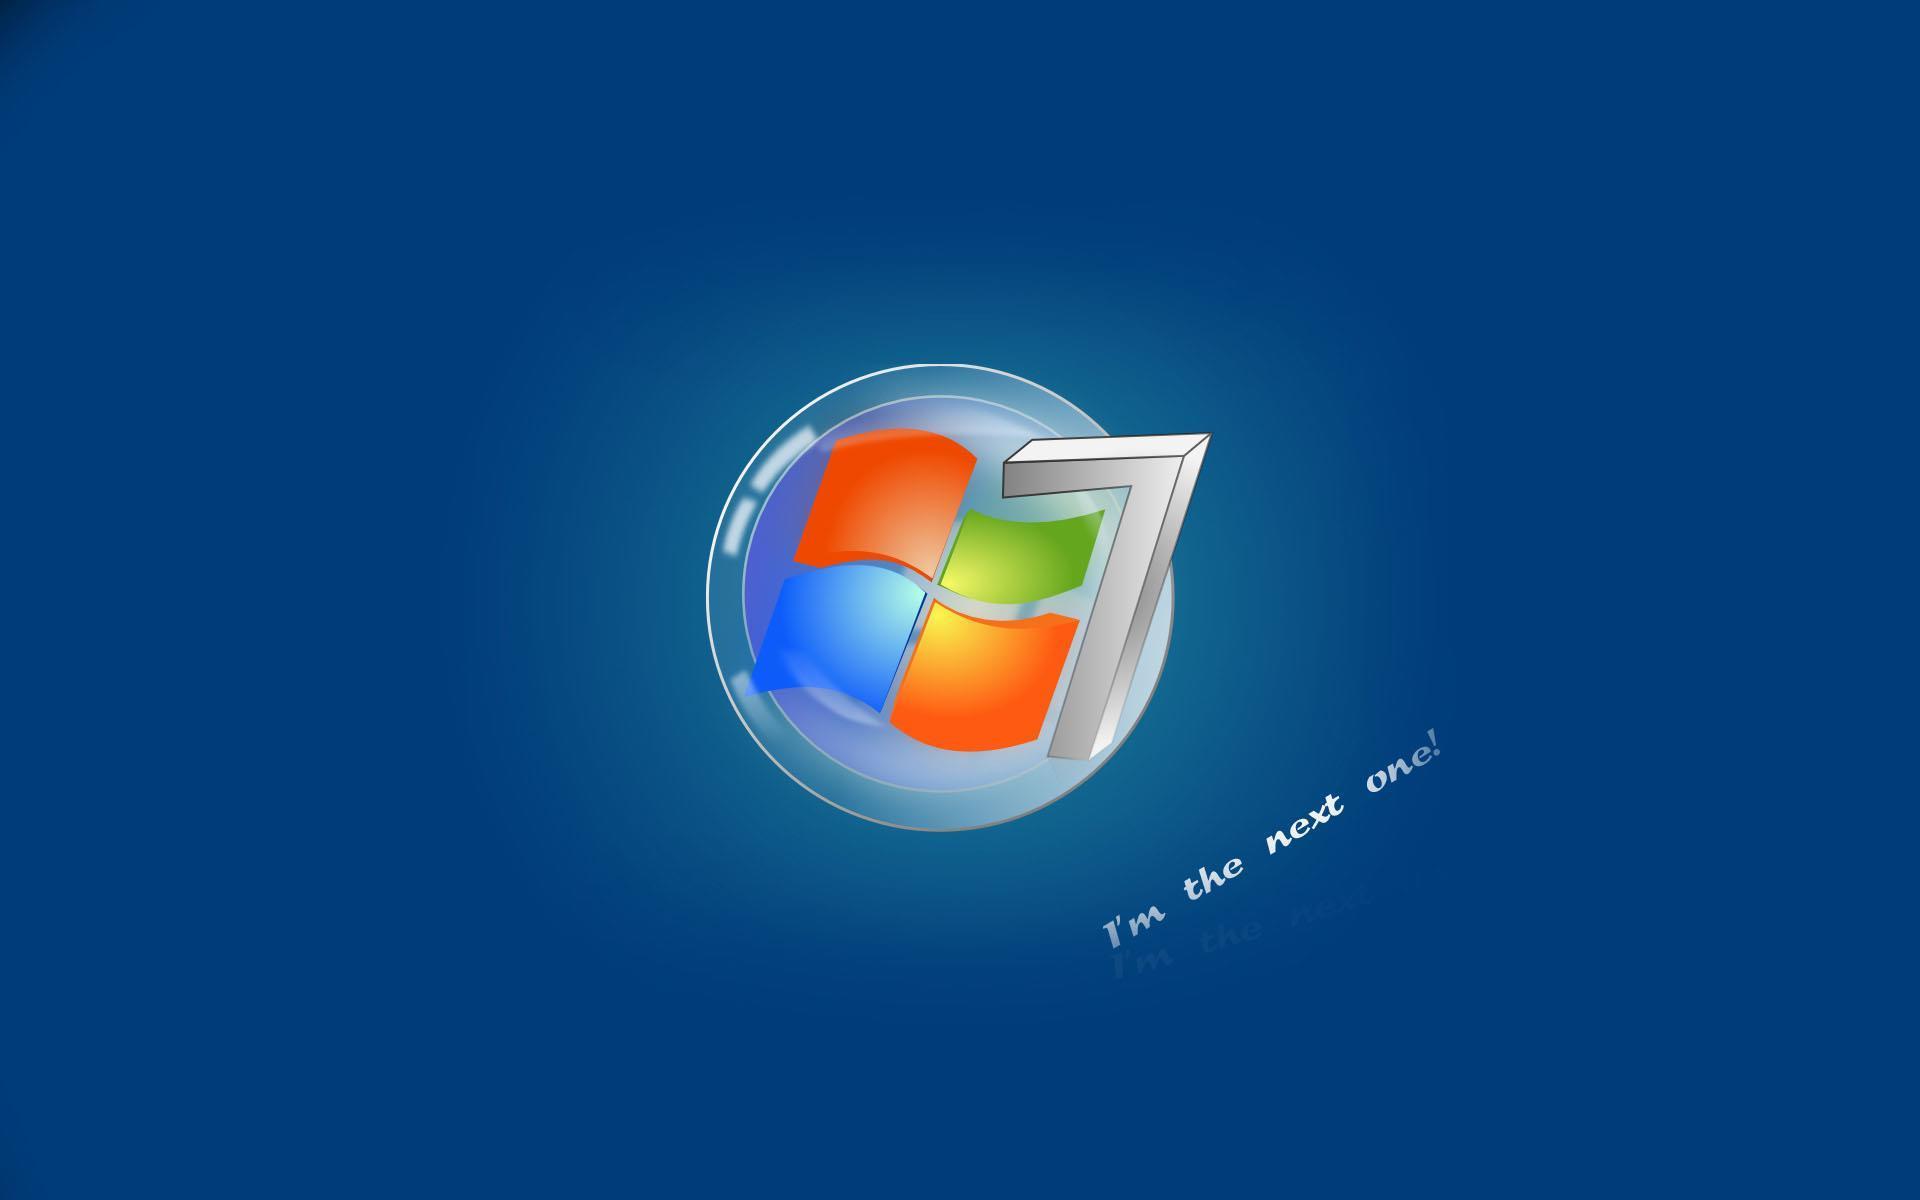 windows-7-fonds-HD-bureau-seven_10